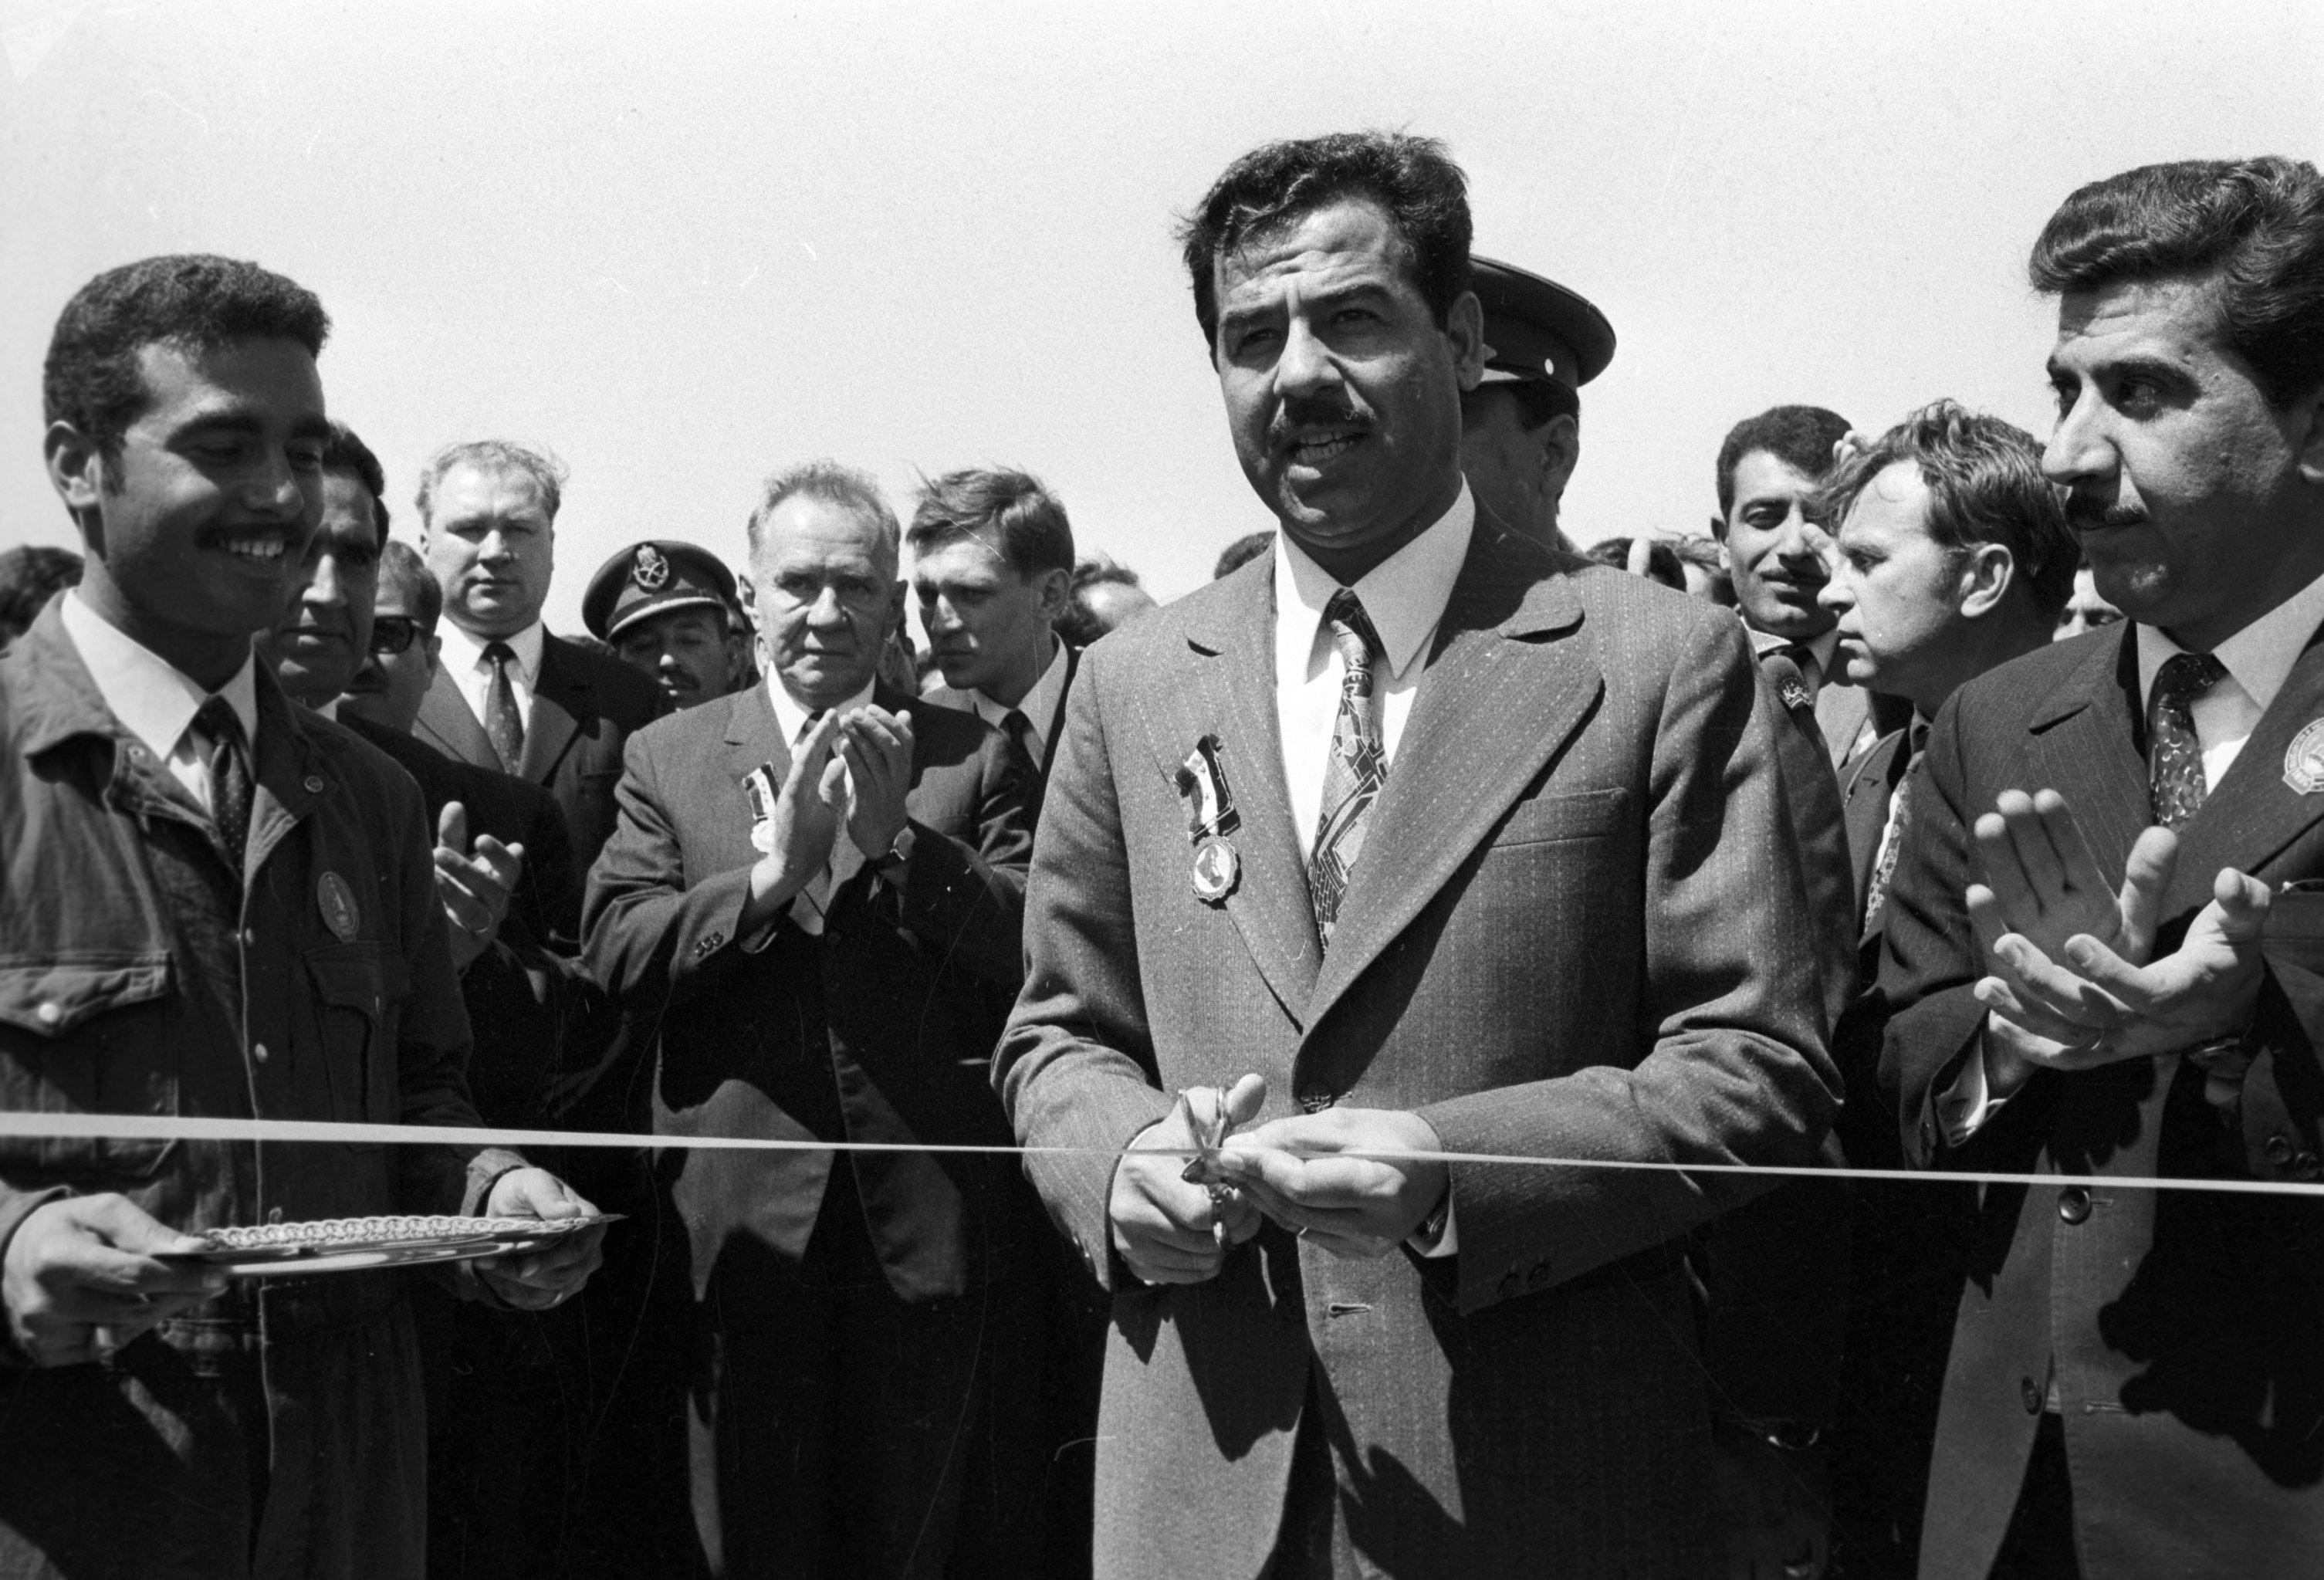 El presidente del Consejo de Ministros de la URSS, Alexéi Kosiguin, y el vicepresidente del Consejo del Comando Revolucionario de Irak, Sadam Husein, durante la ceremonia de apertura de una instalación petrolera